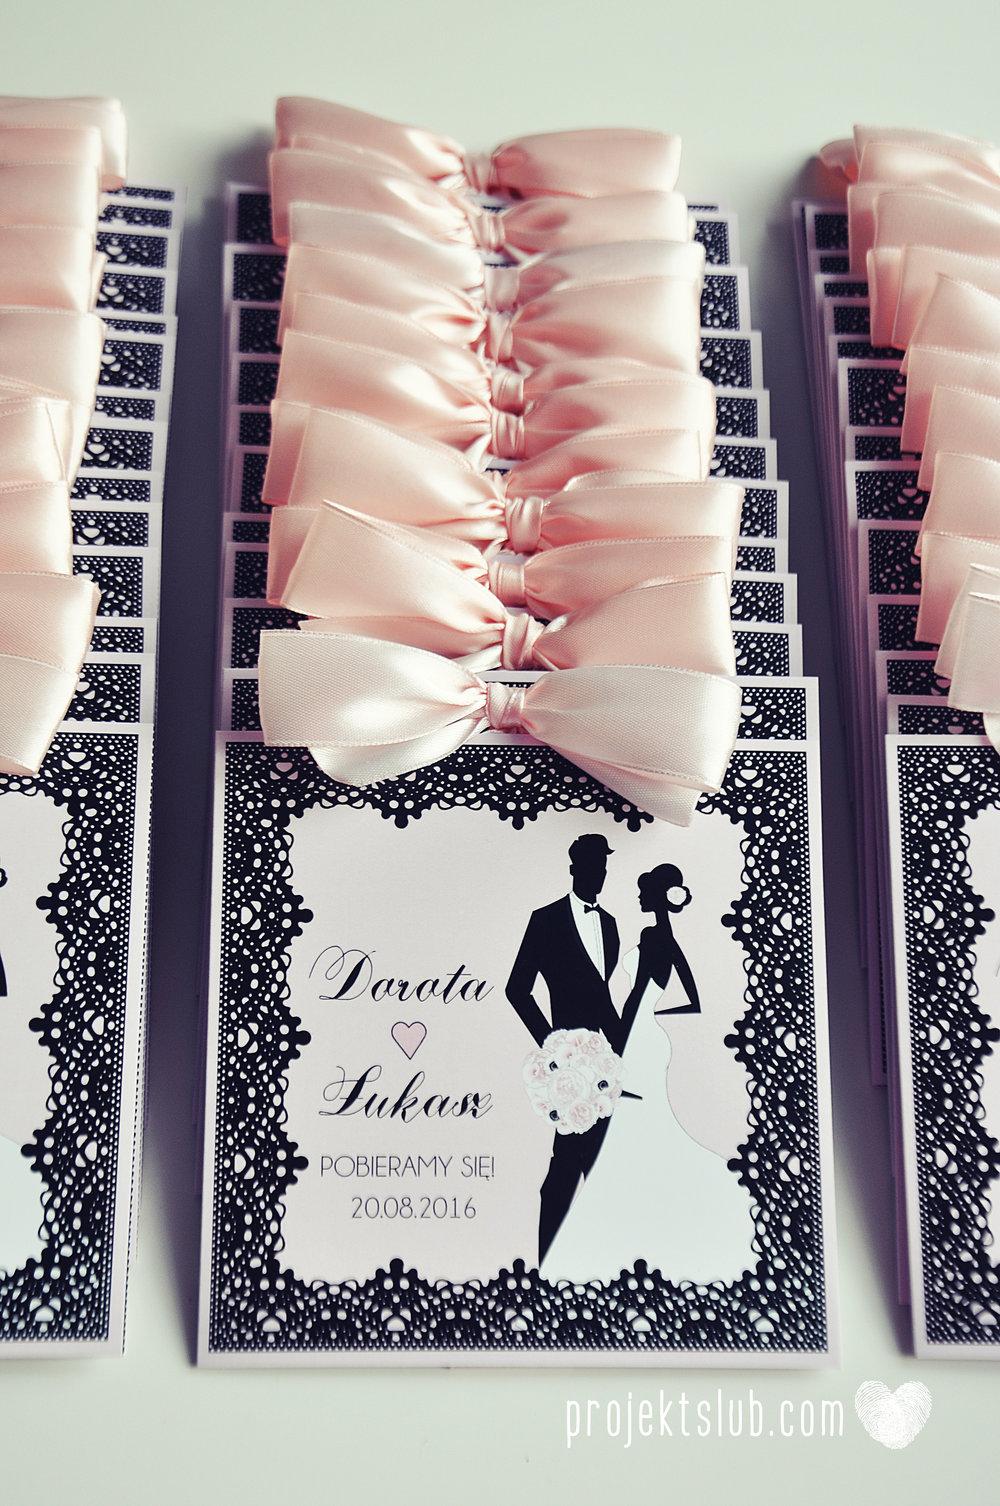 Eleganckie zaproszenia ślubne rysunek pary młodej róż i czerń glamour koronkowe pastelowe Projekt ŚLub (14).jpg